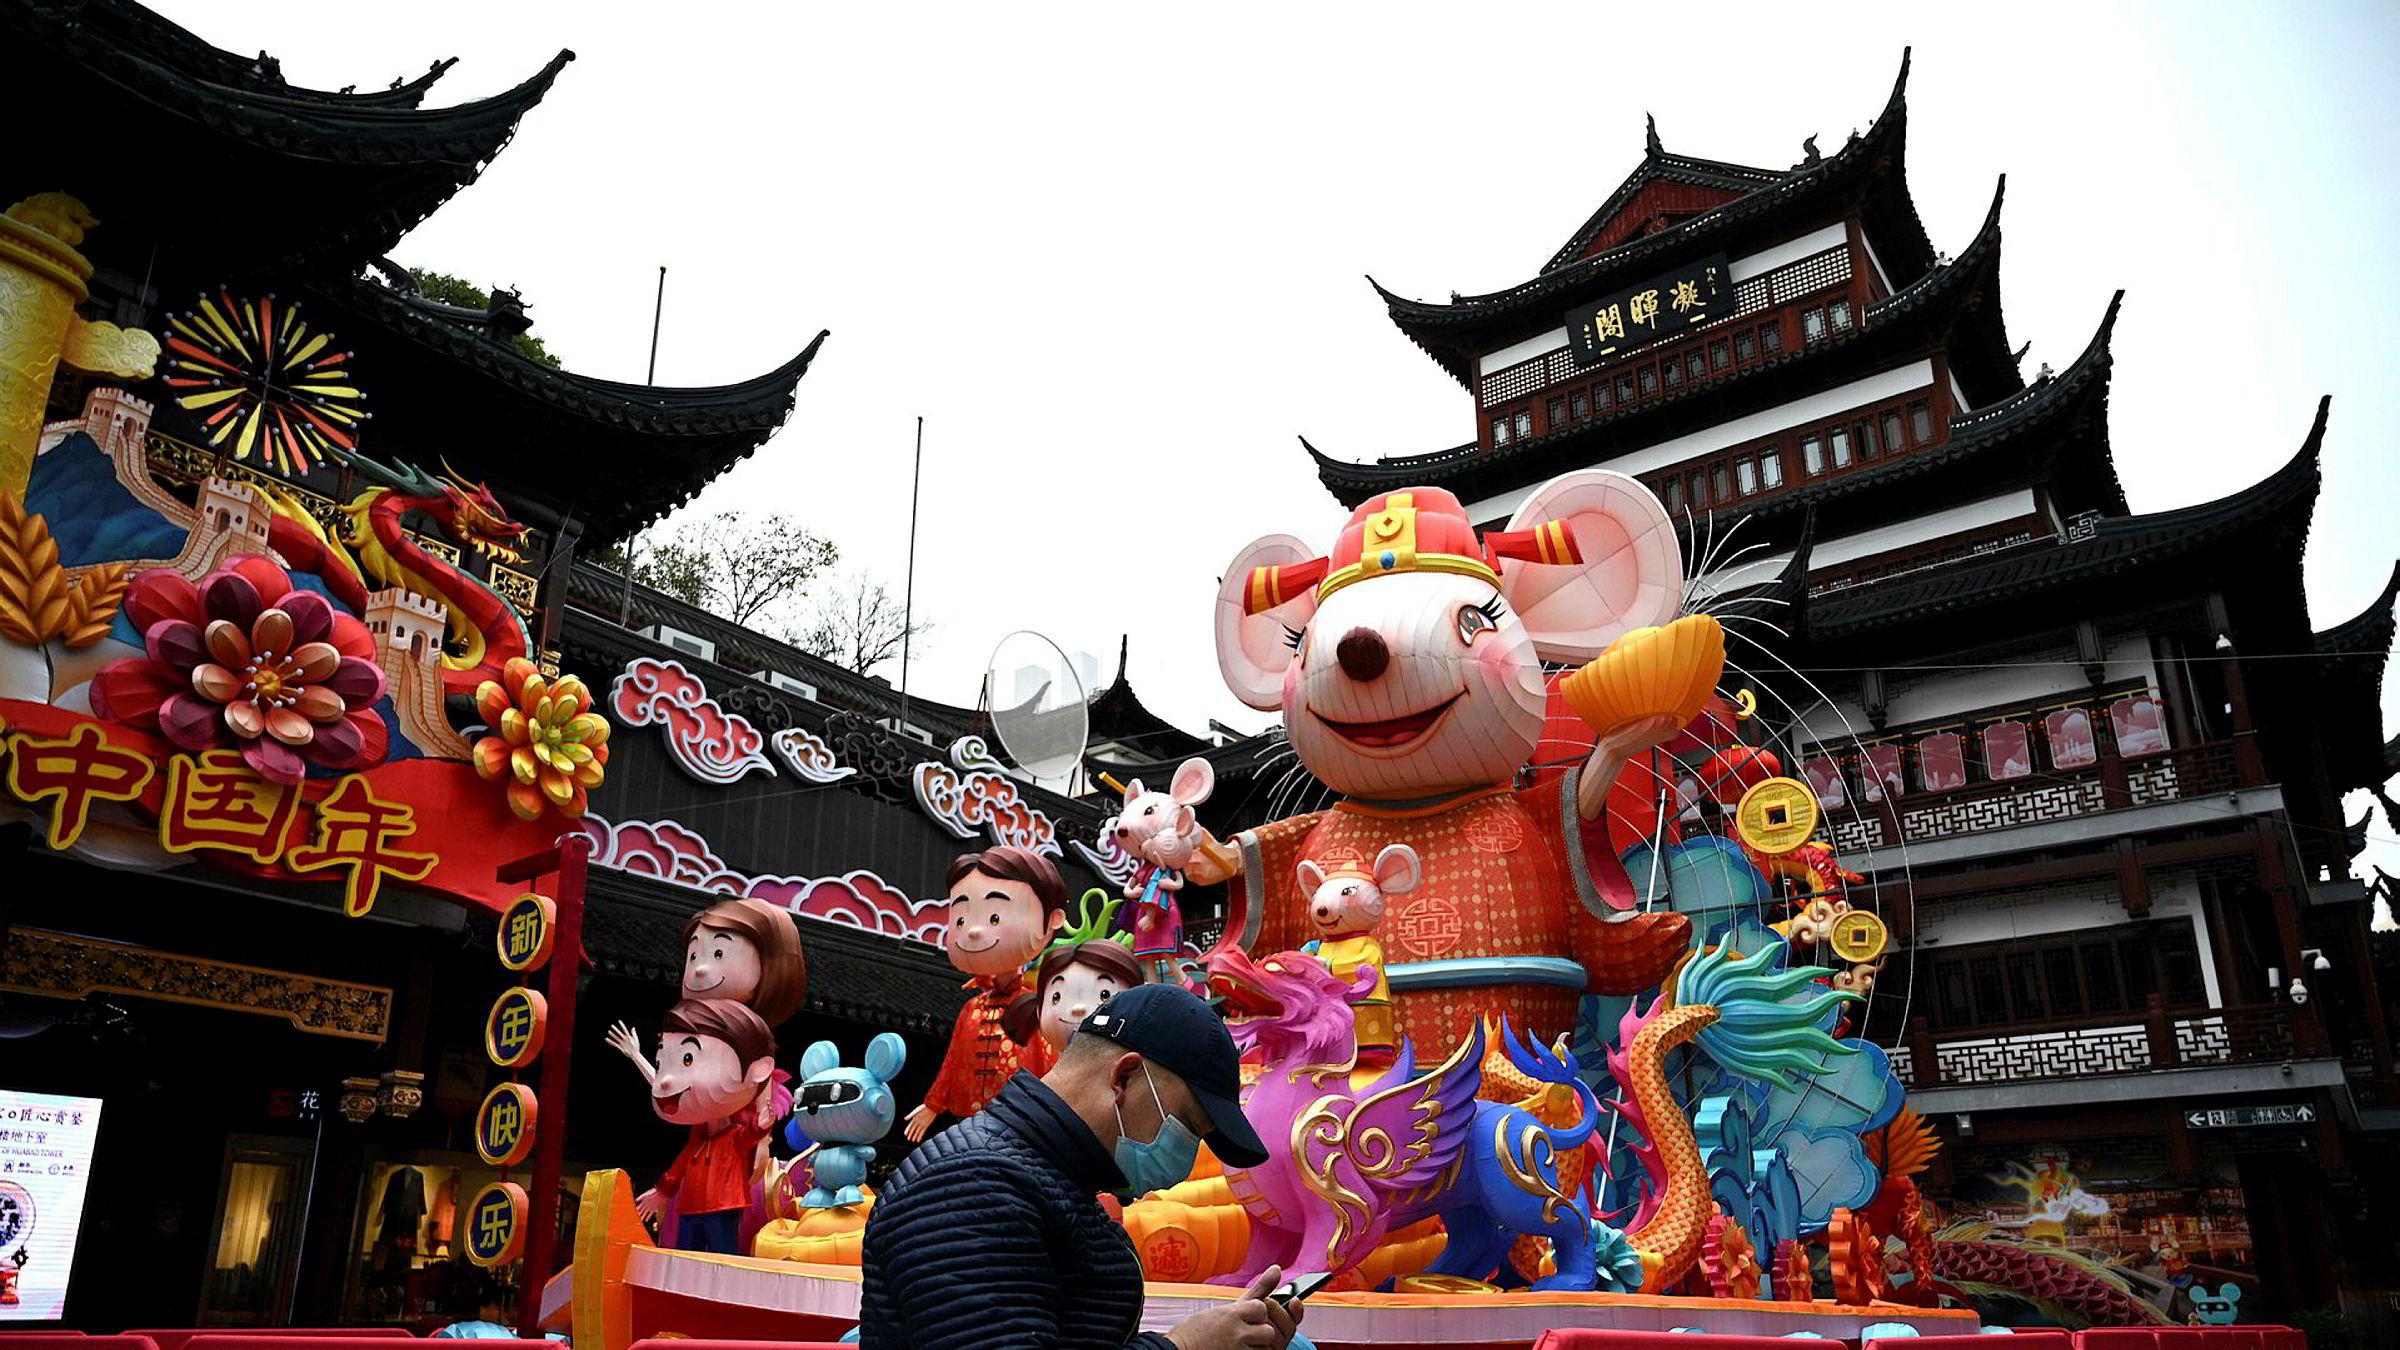 Det meste holder fortsatt stengt i Kina for å begrense utbruddet av koronaviruset. Over 28.000 mennesker er bekreftet smittet og dødsfallene nærmer seg 600. Nå forsøker kinesiske myndigheter å gjenåpne økonomien og handelen med omverdenen.